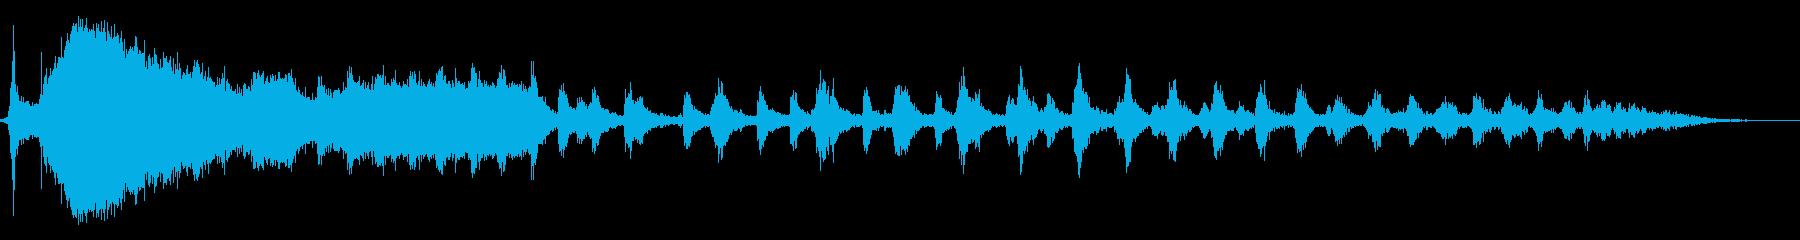 発車する蒸気機関車の再生済みの波形